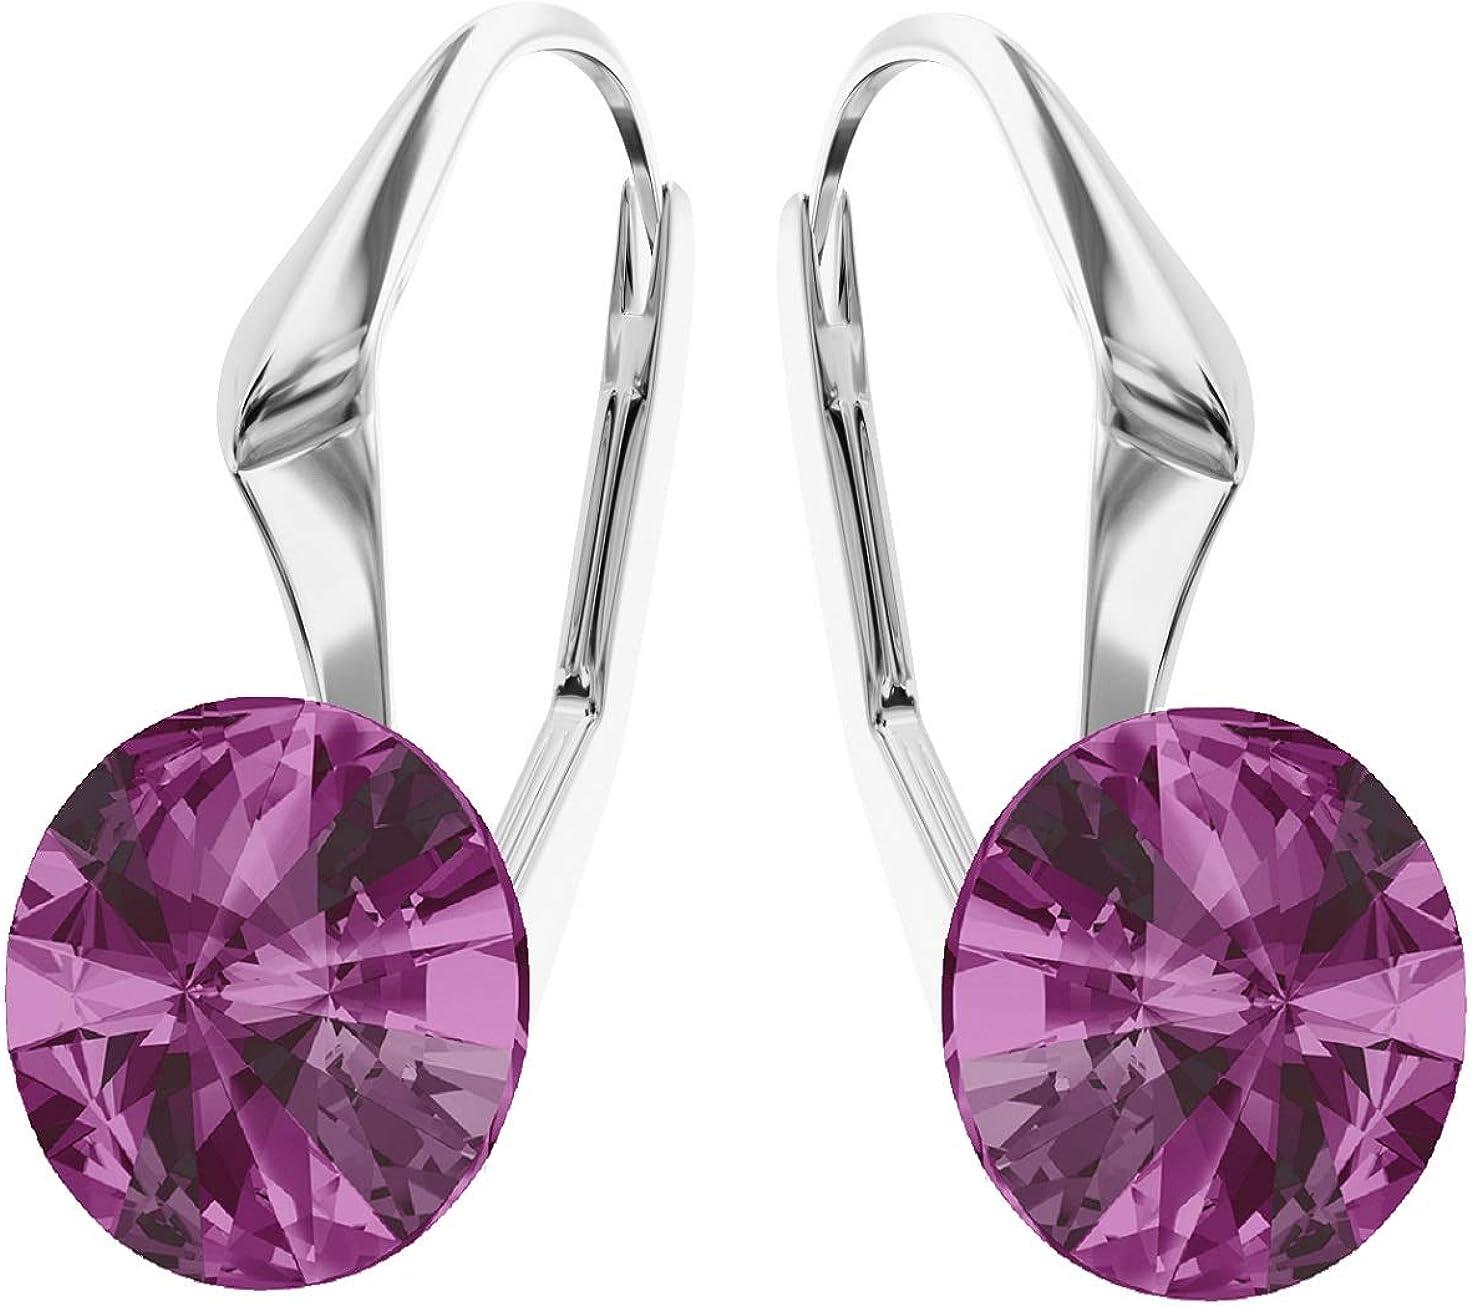 Crystals & Stones * Rivoli * 8 mm * * Fucsia Pendientes – Pendientes con Cristales de Swarovski Elements, ideal como regalo para mujeres o novia pin/75